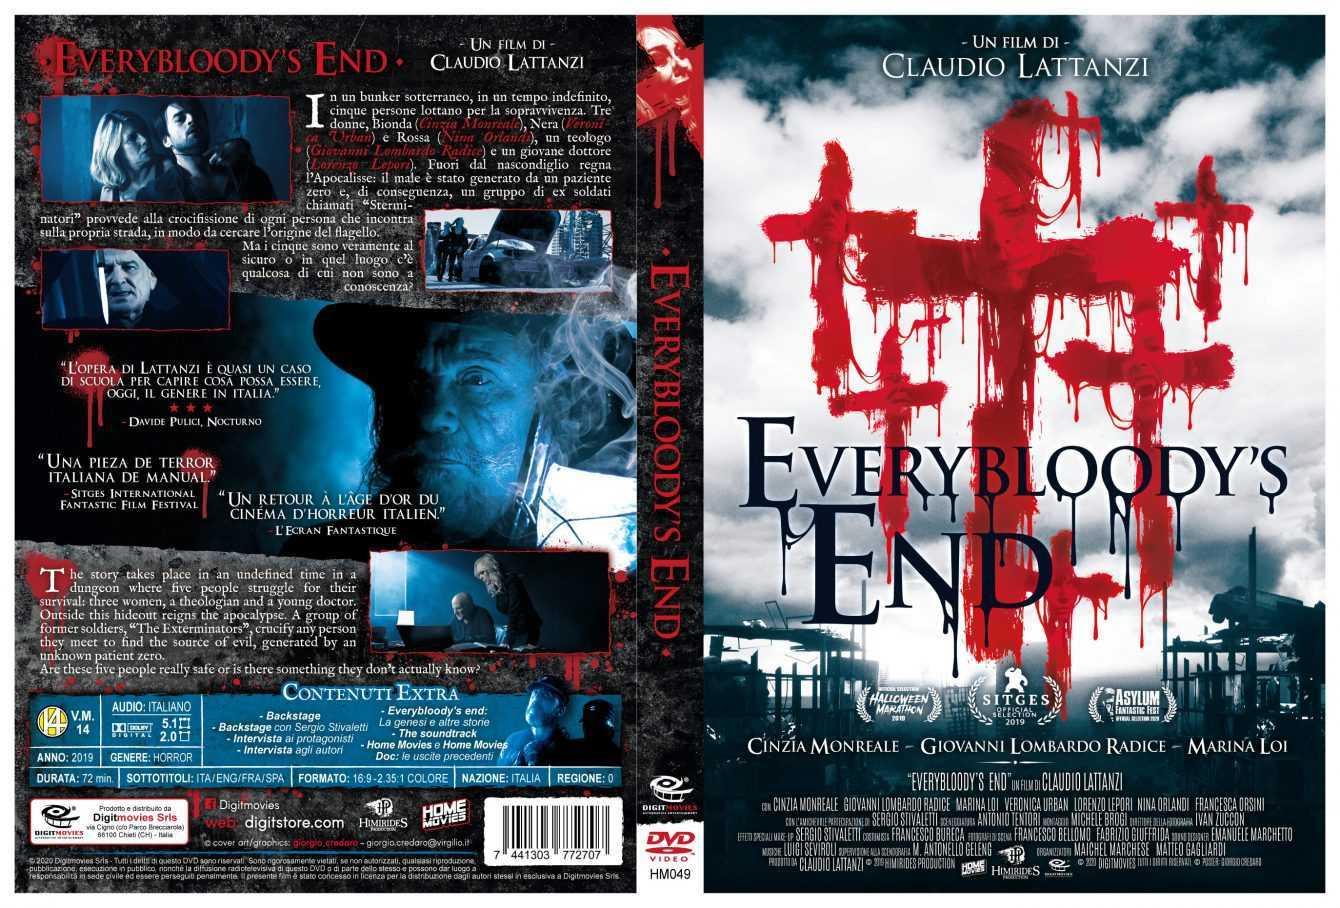 Everybloody's End: quattro diverse edizioni home video a giugno